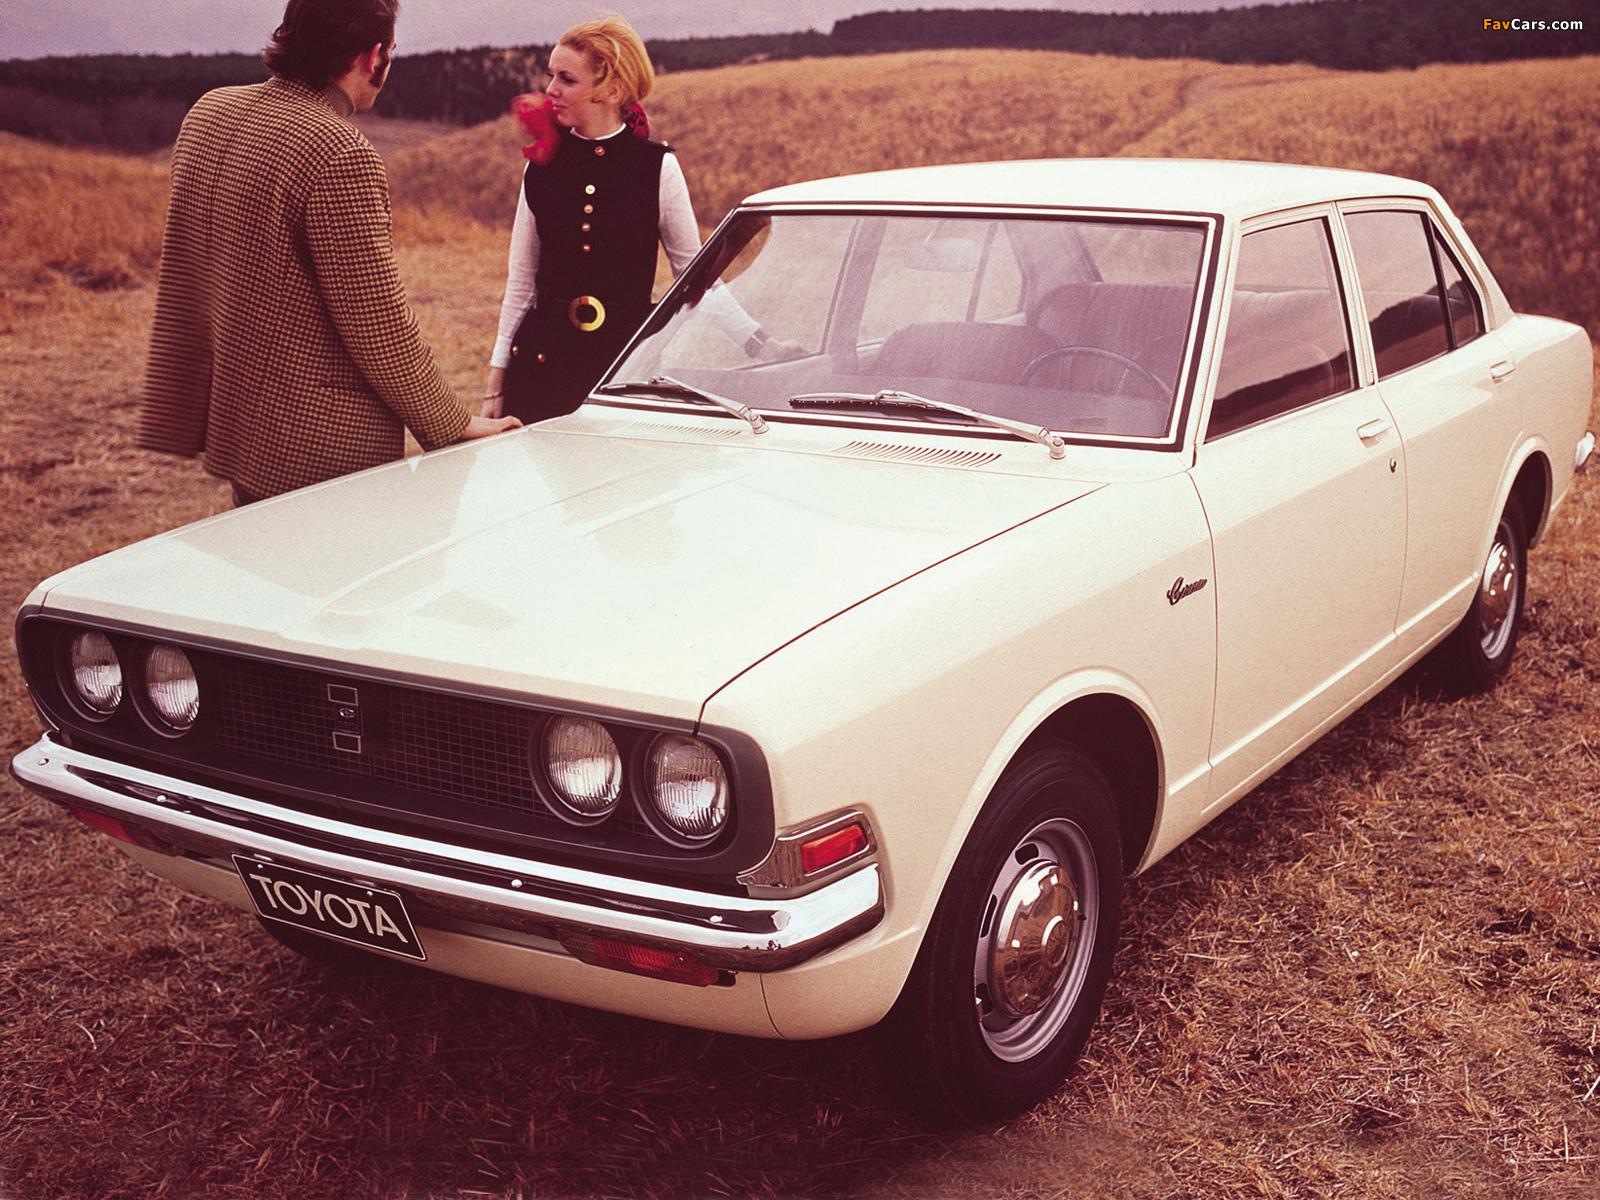 Toyota Corona 1969 73 Wallpapers 1600x1200